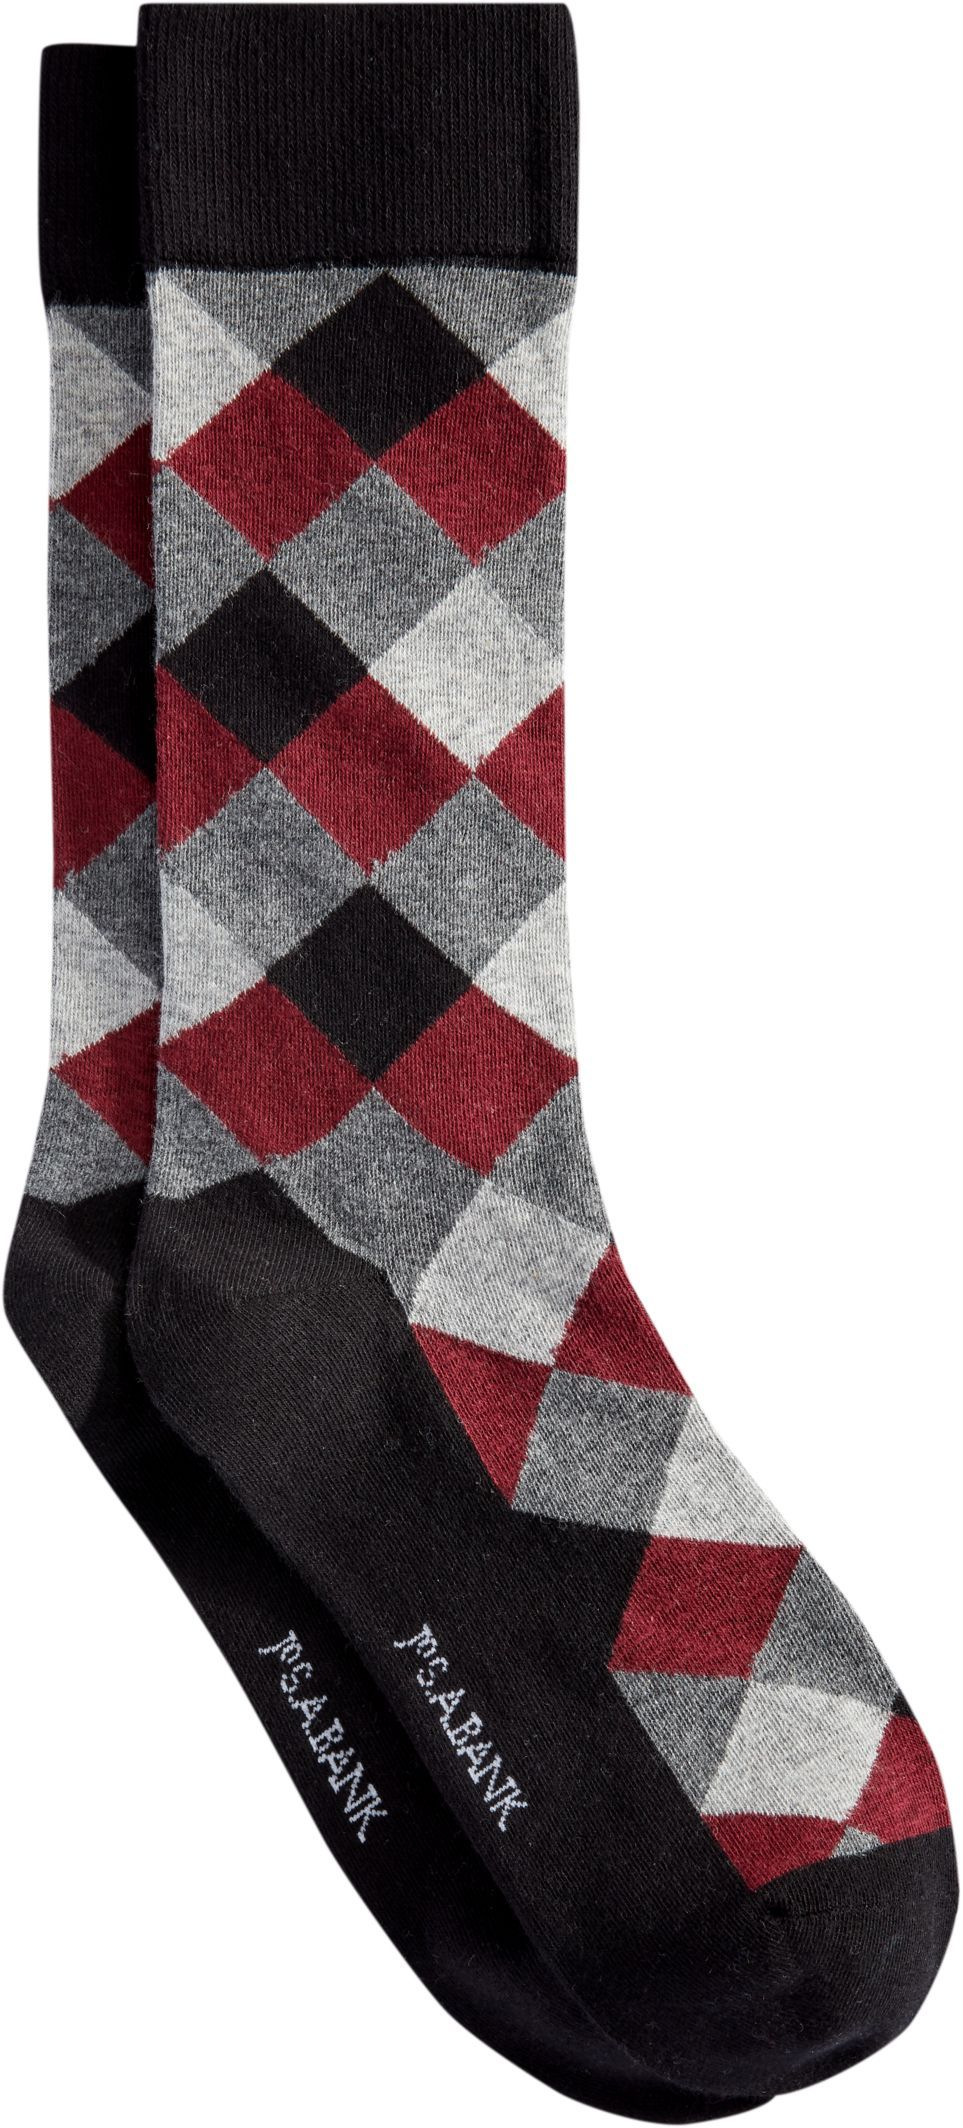 Jos A Bank Argyle Dress Socks One Pair All Accessories Jos A Bank Argyle Dress Socks Dress Socks Argyle [ 2128 x 963 Pixel ]